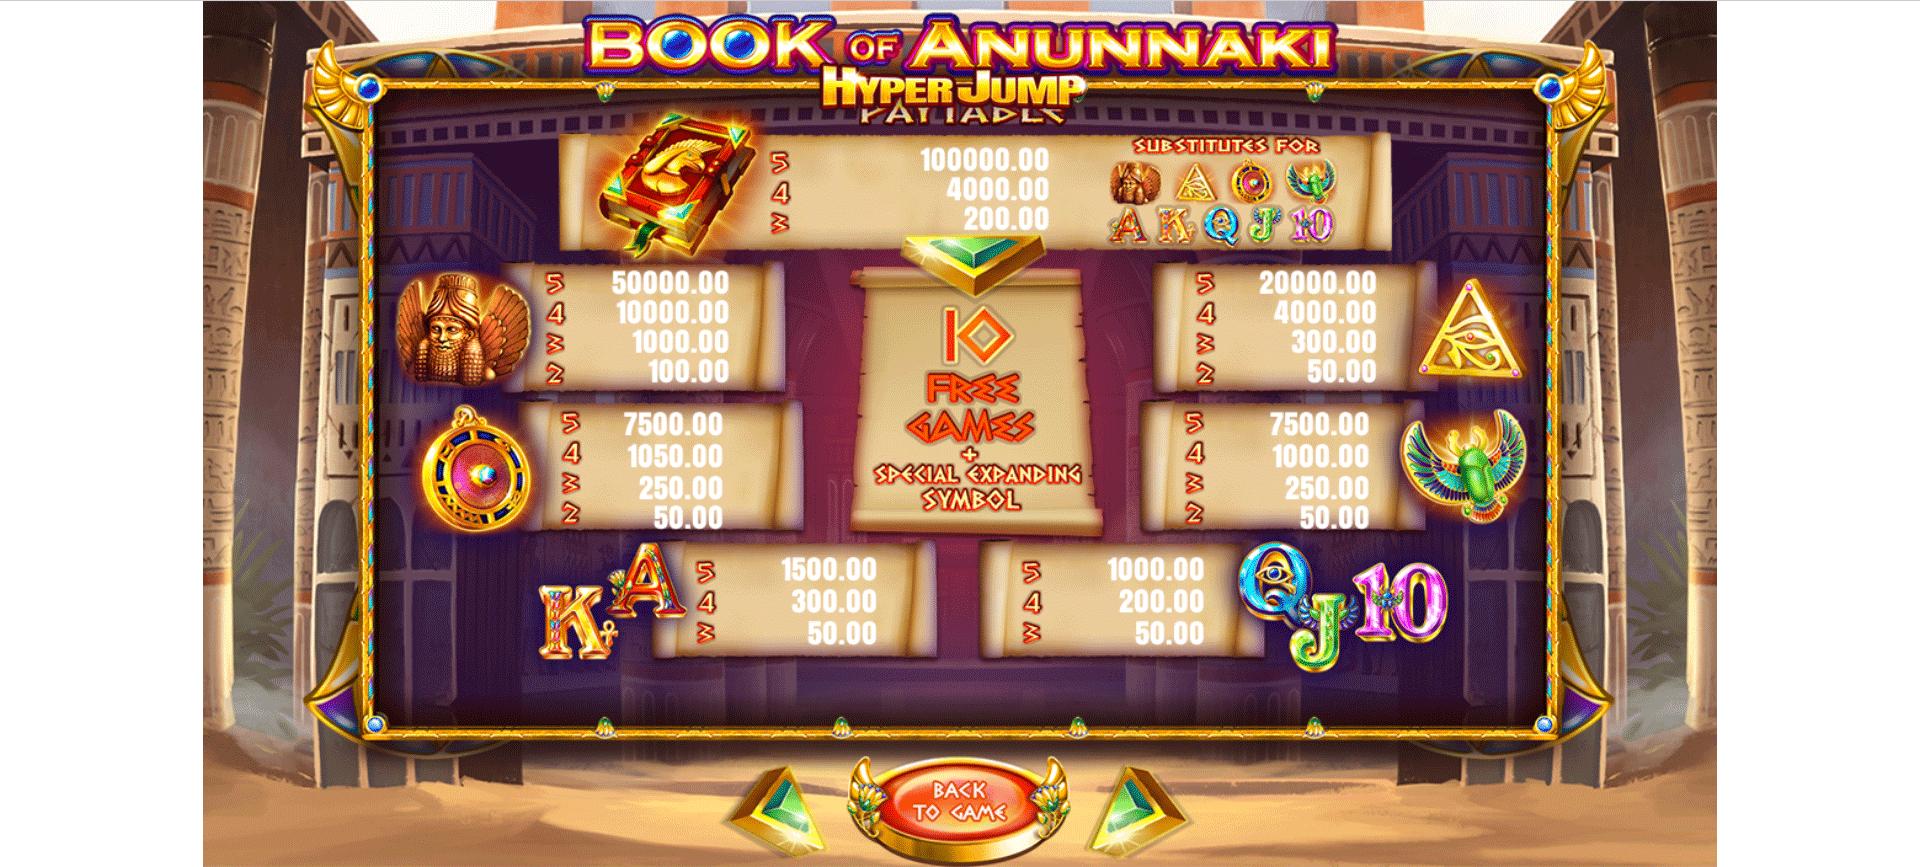 tabella dei pagamenti della slot machine book of anunnaki